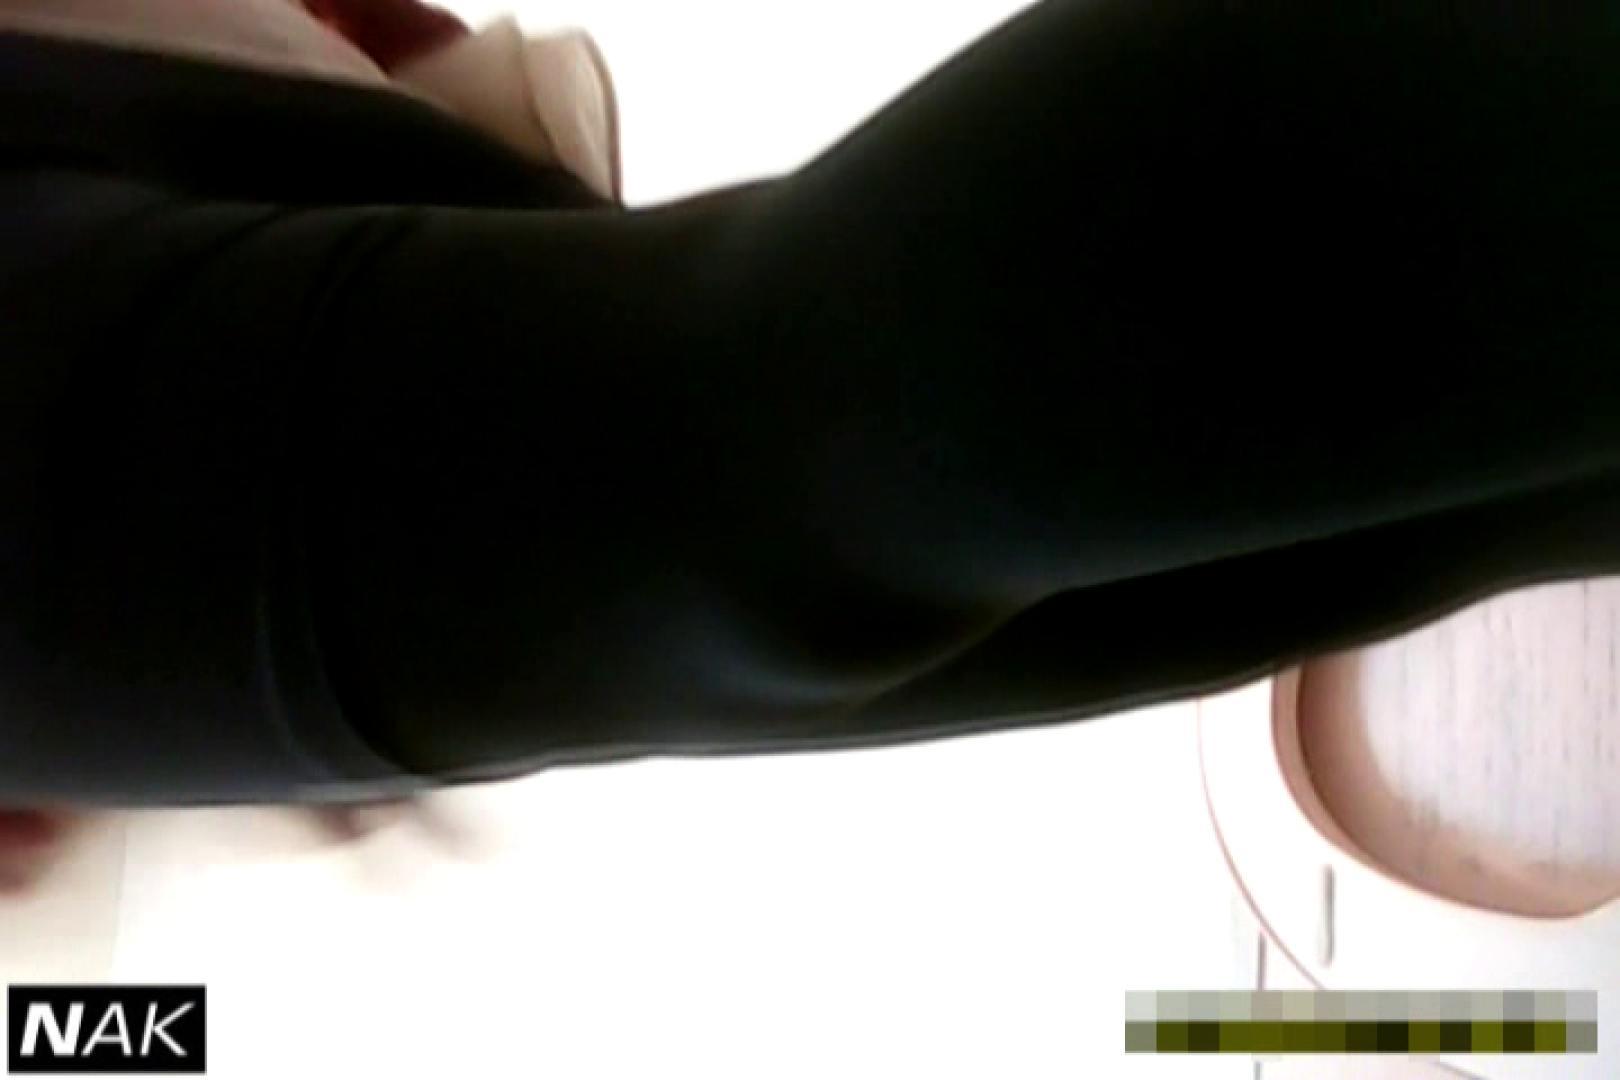 超高画質5000K!脅威の1点集中かわや! vol.04 マンコ・ムレムレ セックス無修正動画無料 80pic 15